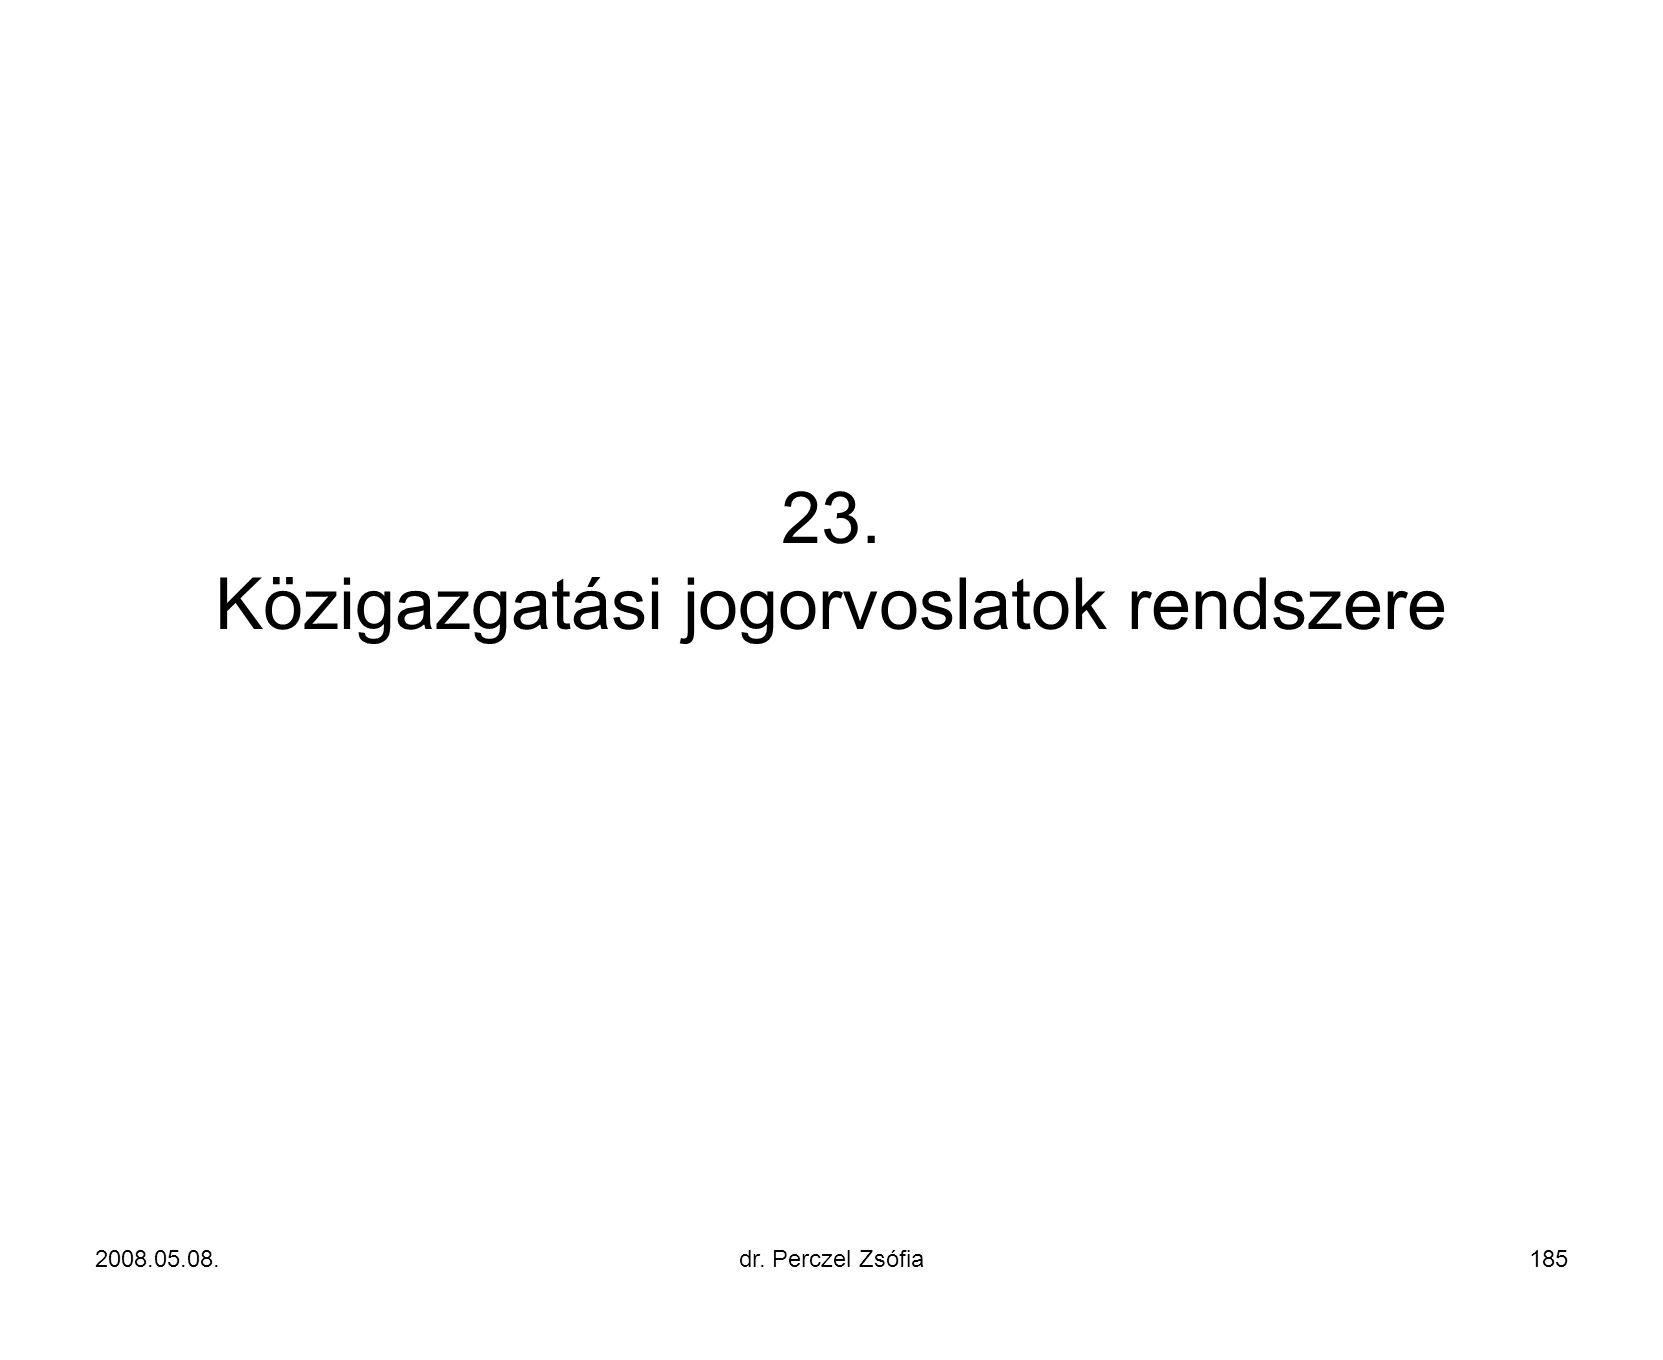 23. Közigazgatási jogorvoslatok rendszere